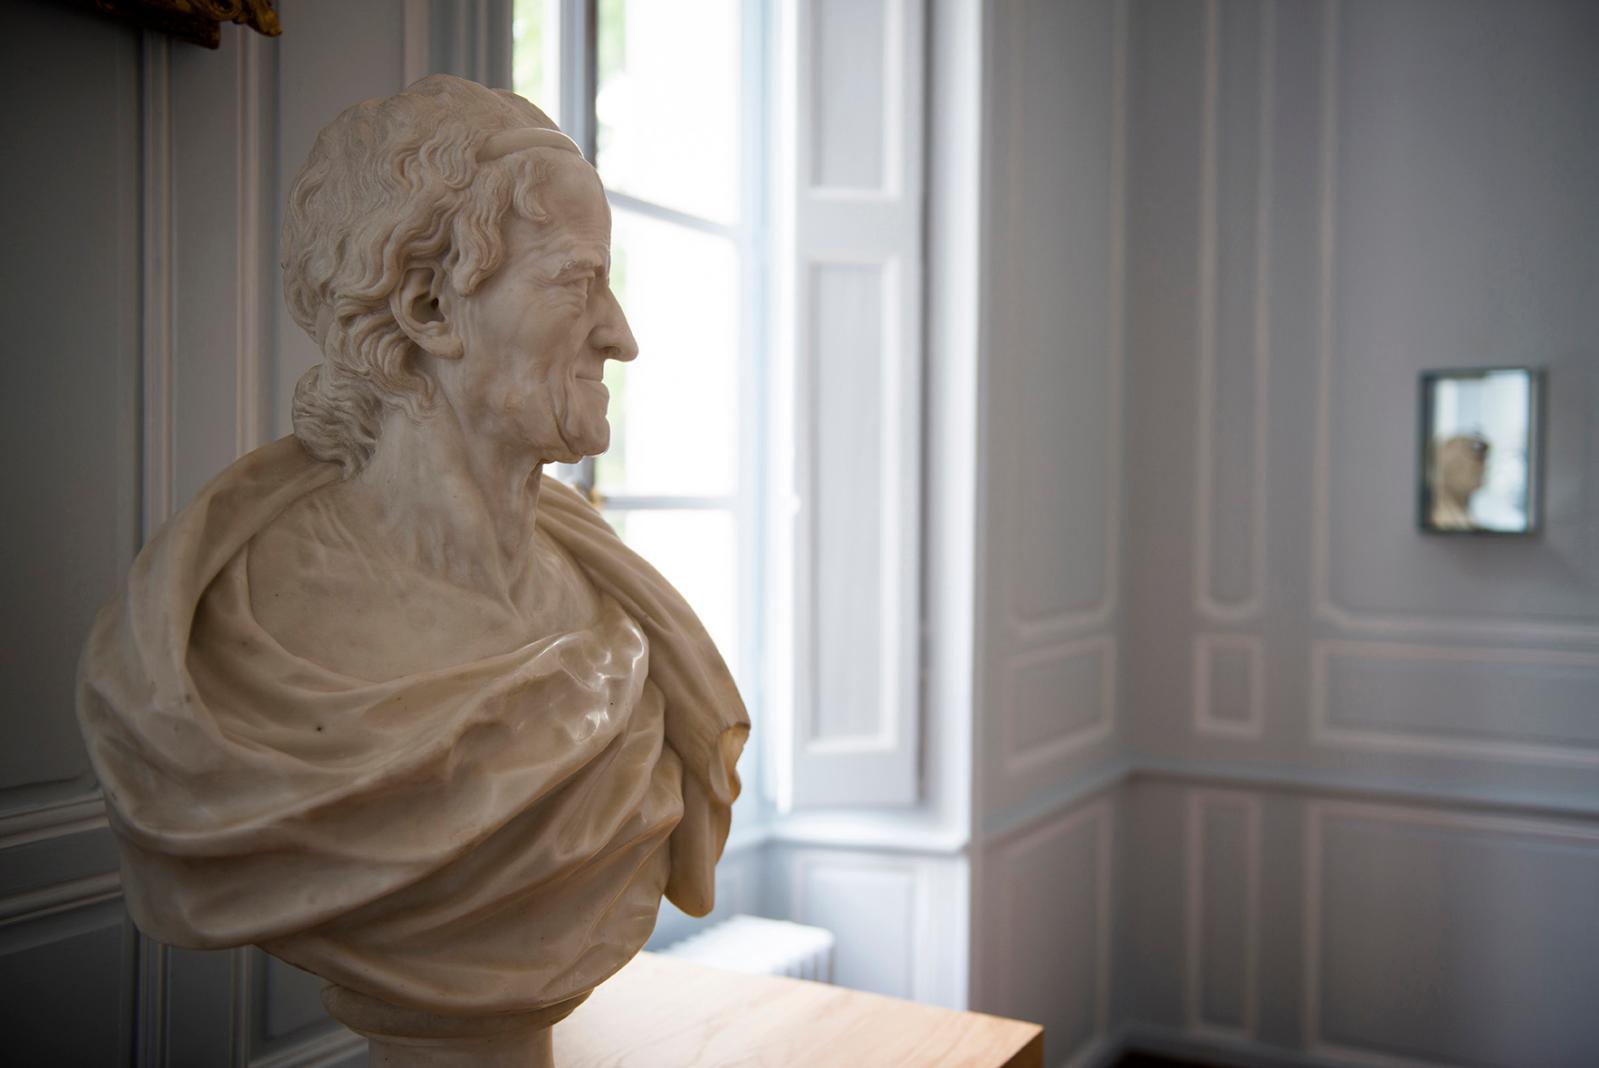 François-Marie Poncet, buste de Voltaire âgé, vers 1776.